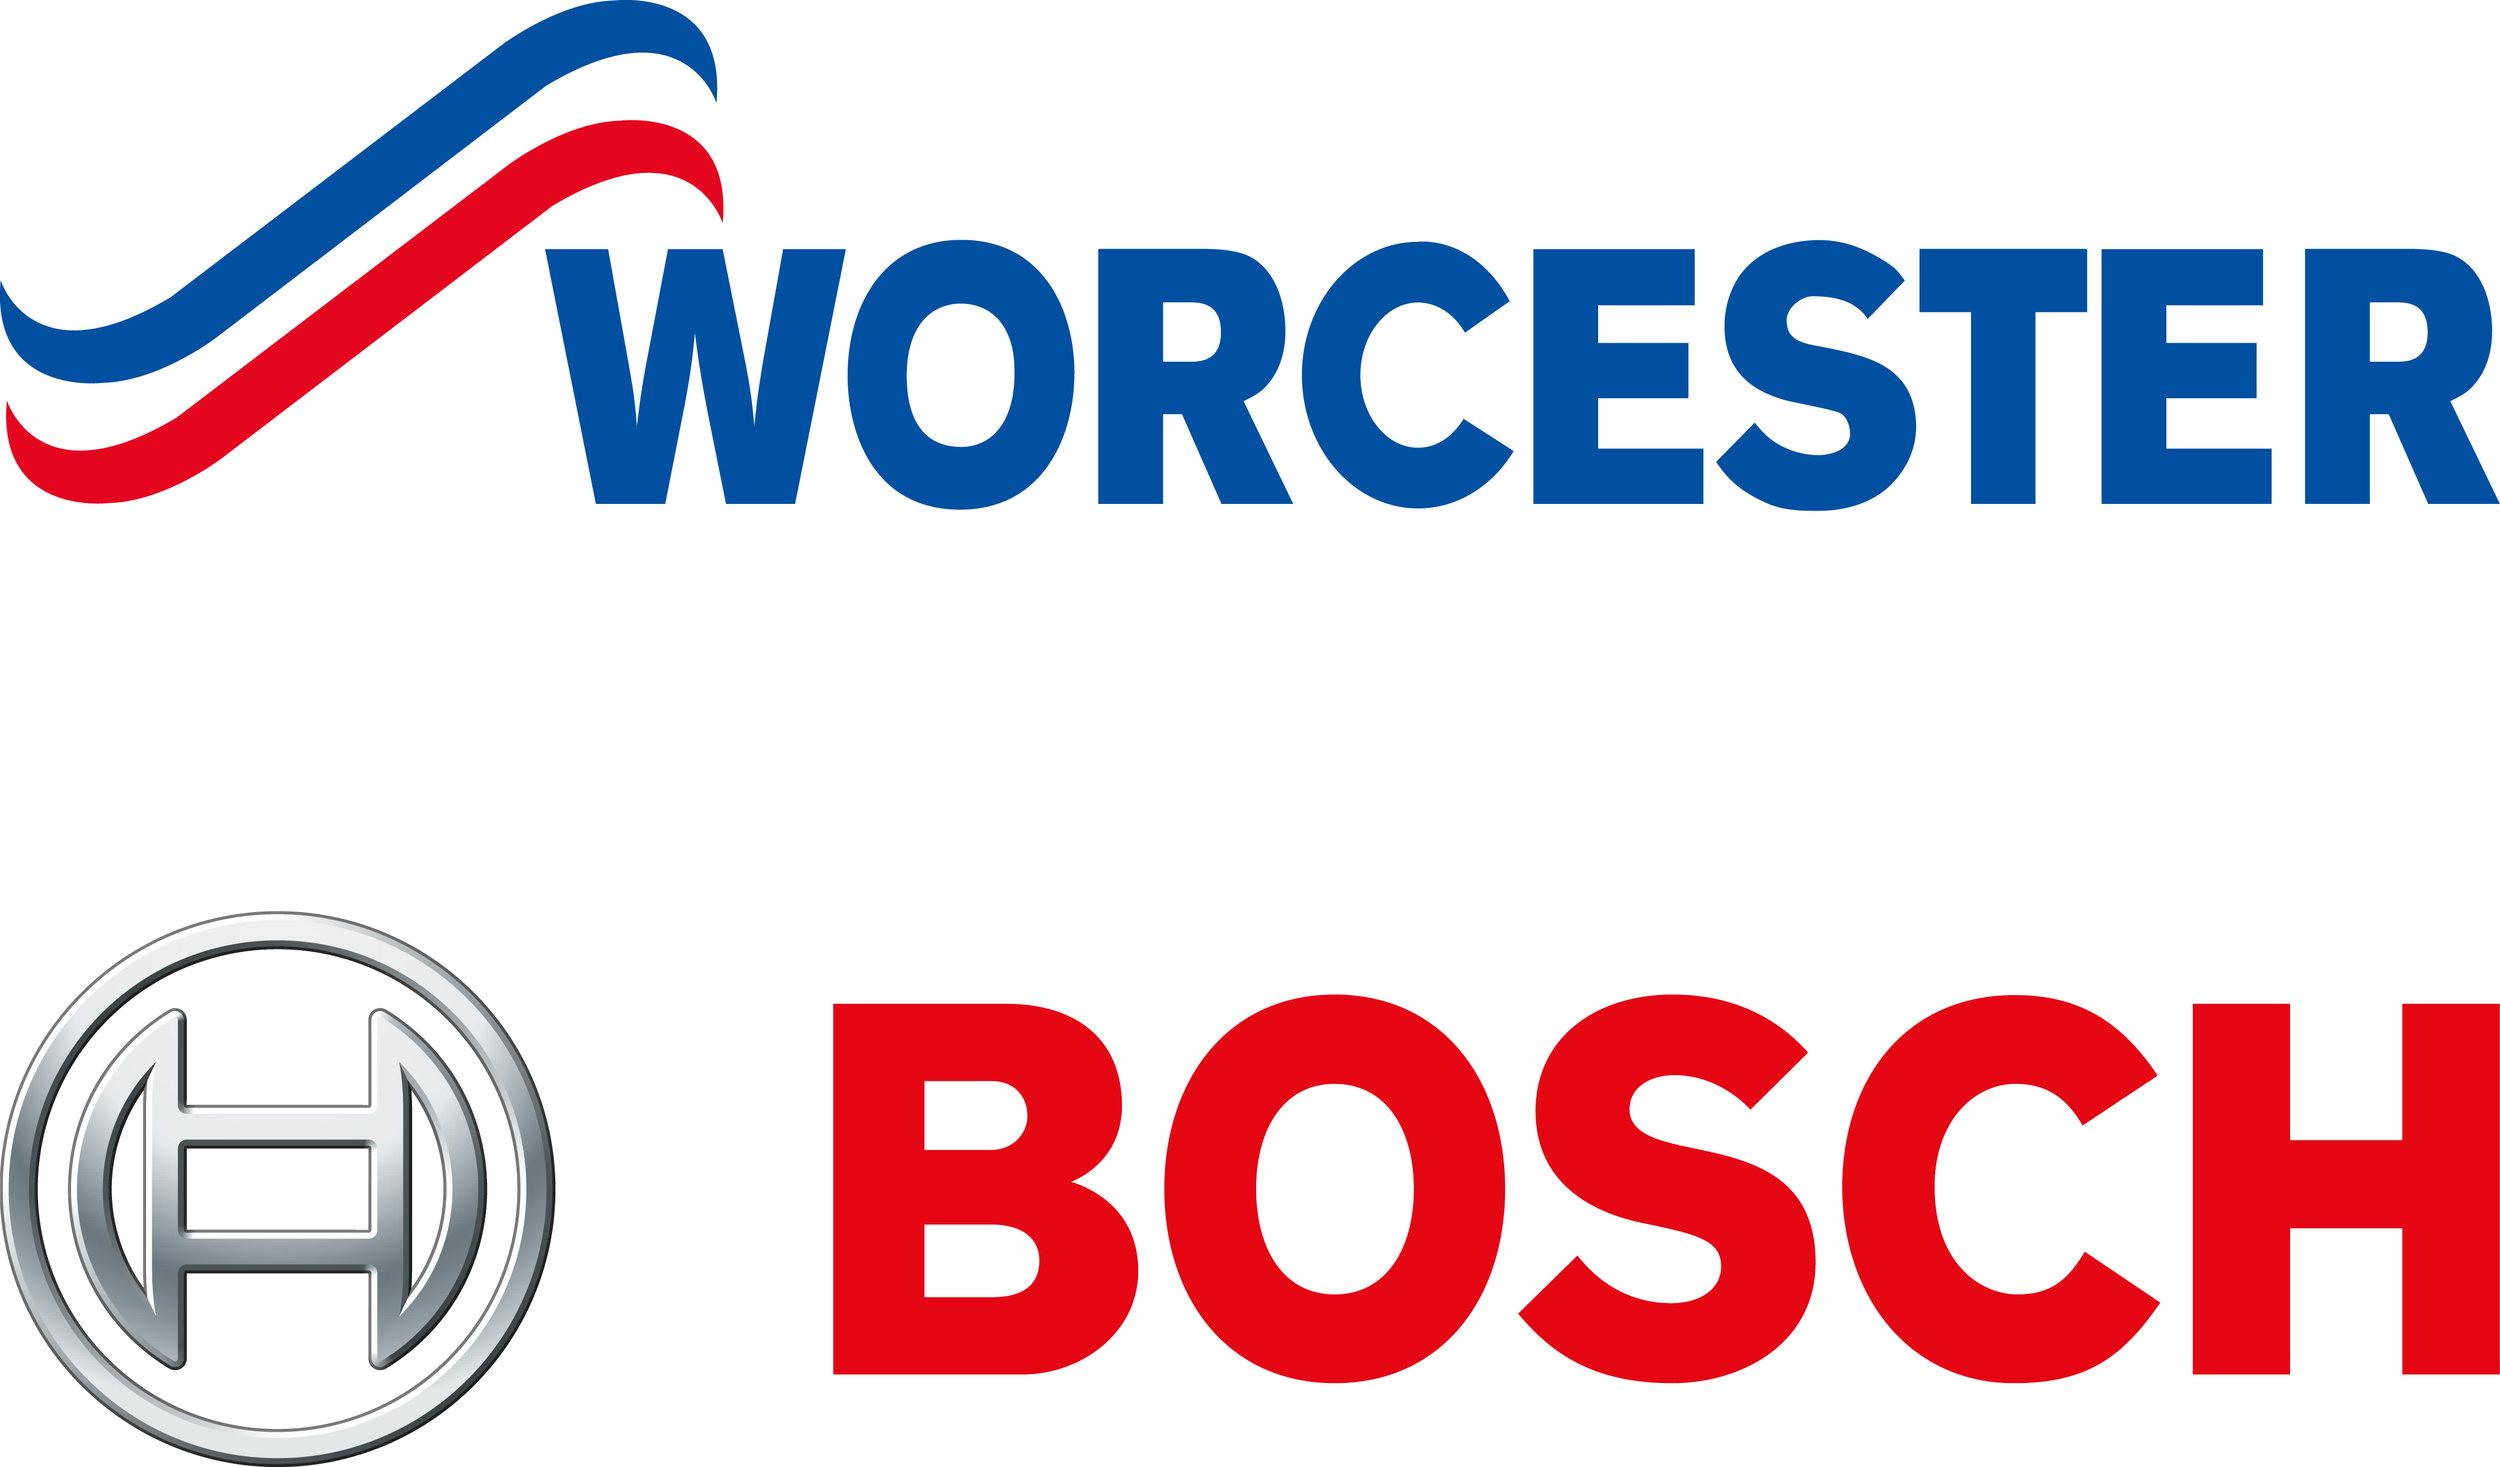 Worcester Bosch .jpg